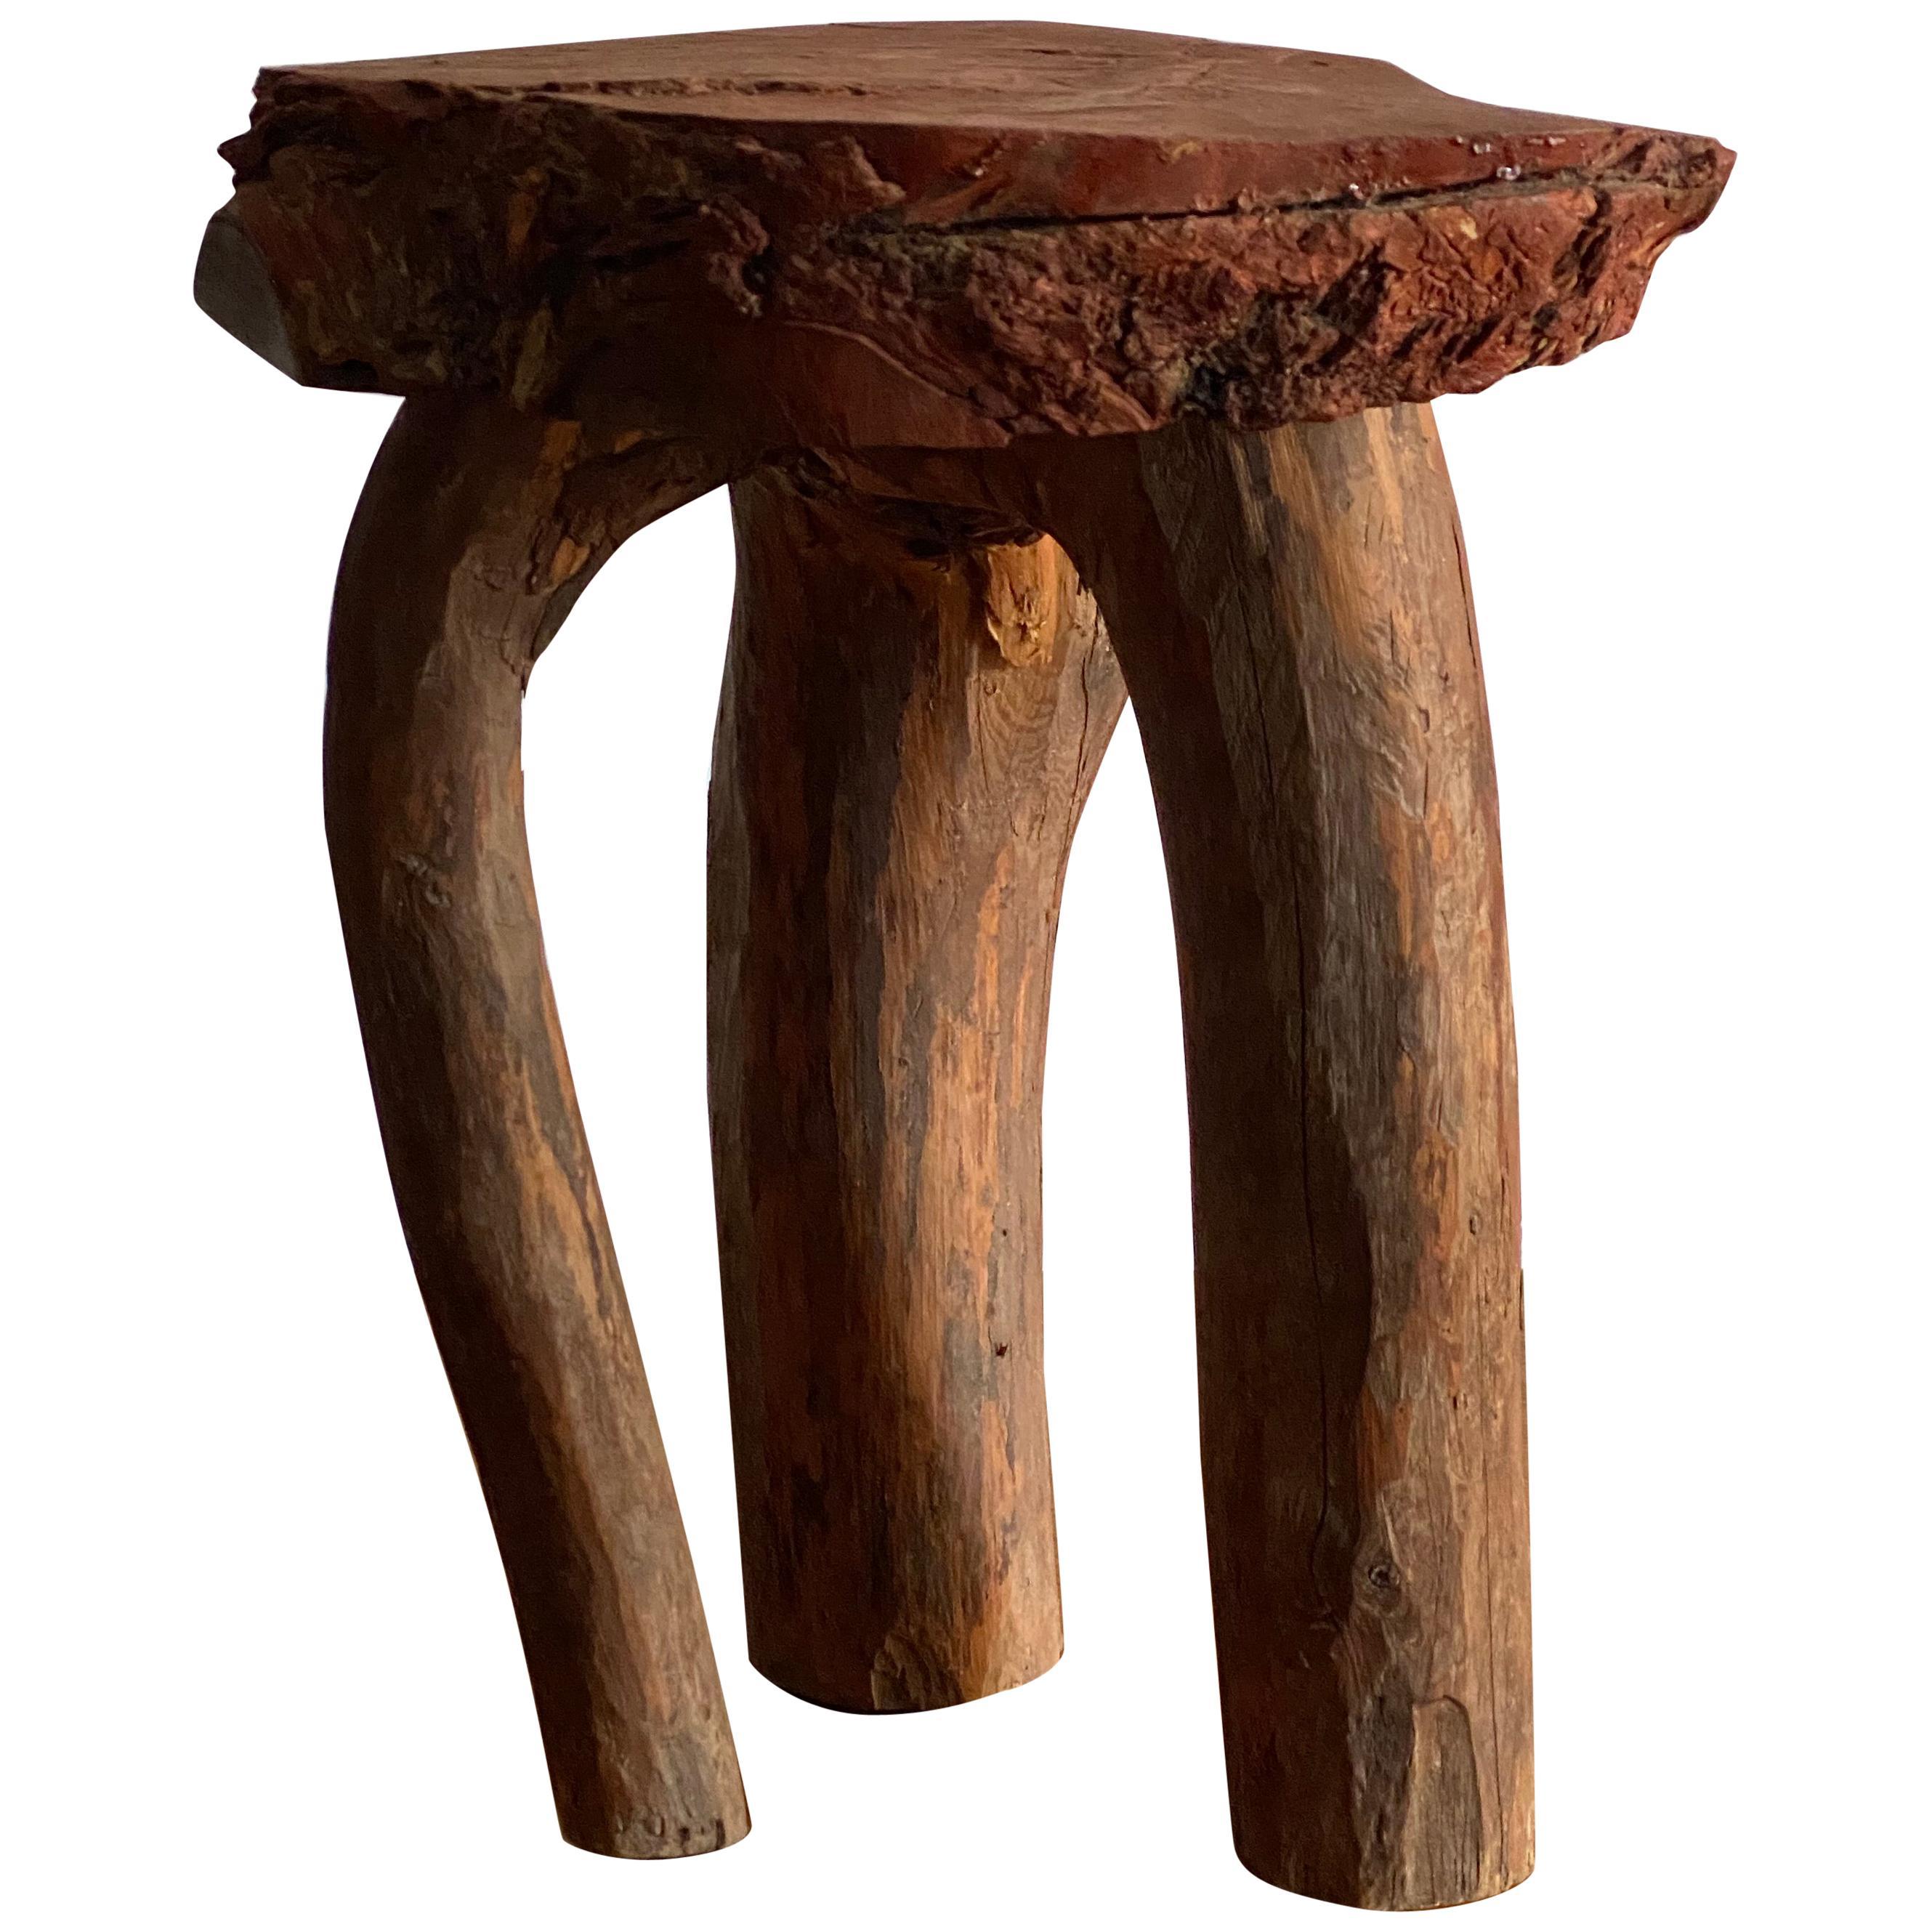 """Swedish Folk Art, Organic Side Table / Stool Wood, """"Faluröd"""" Paint, 19th Century"""